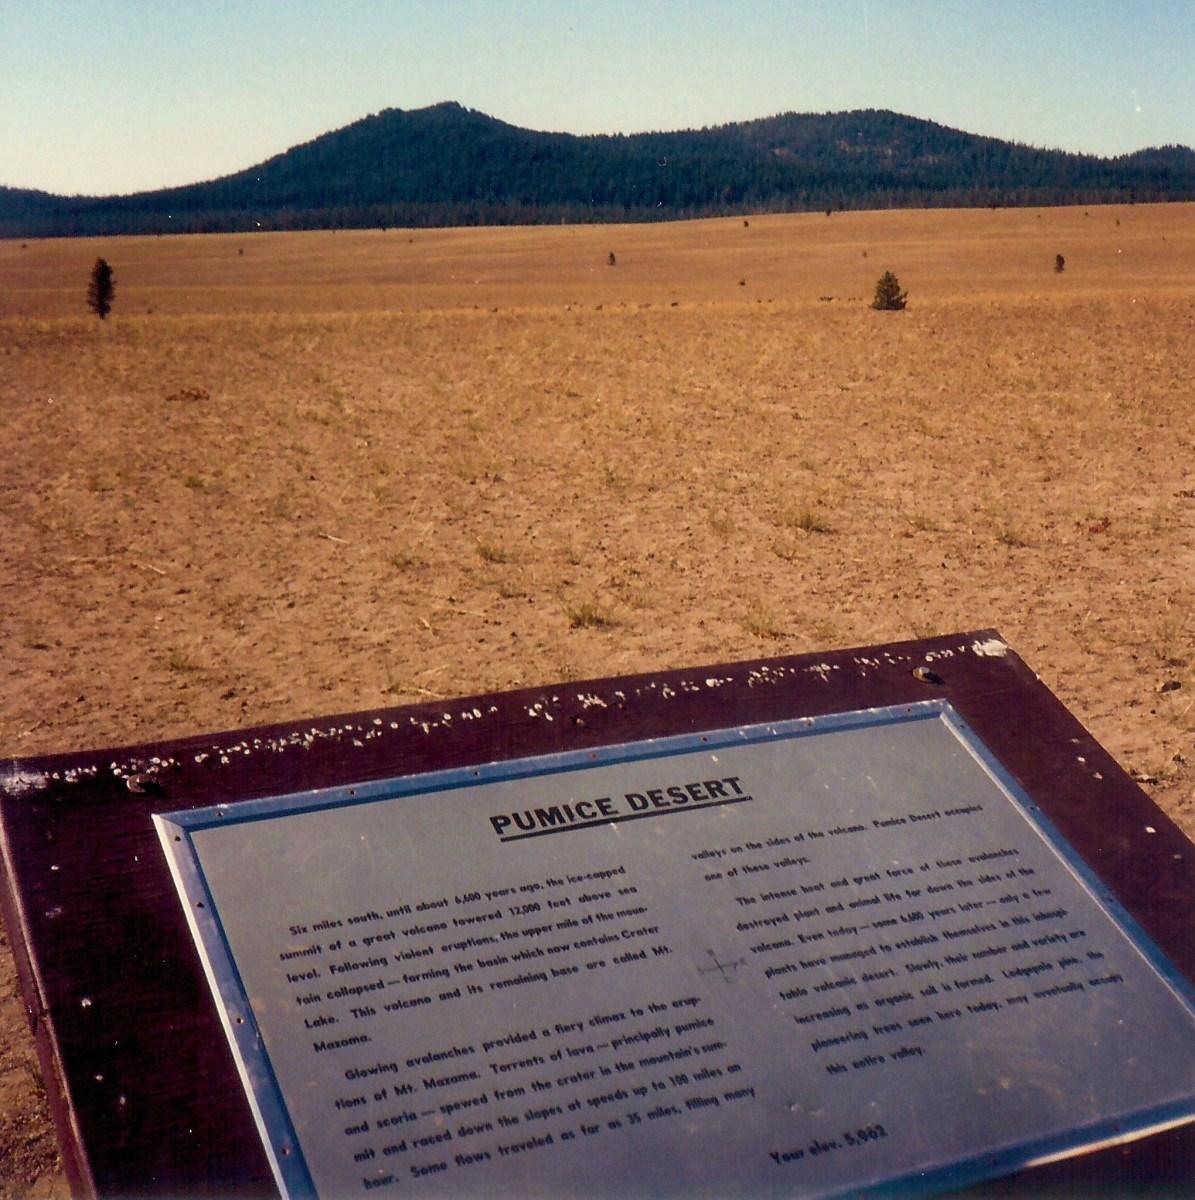 Pumice Desert around Crater Lake